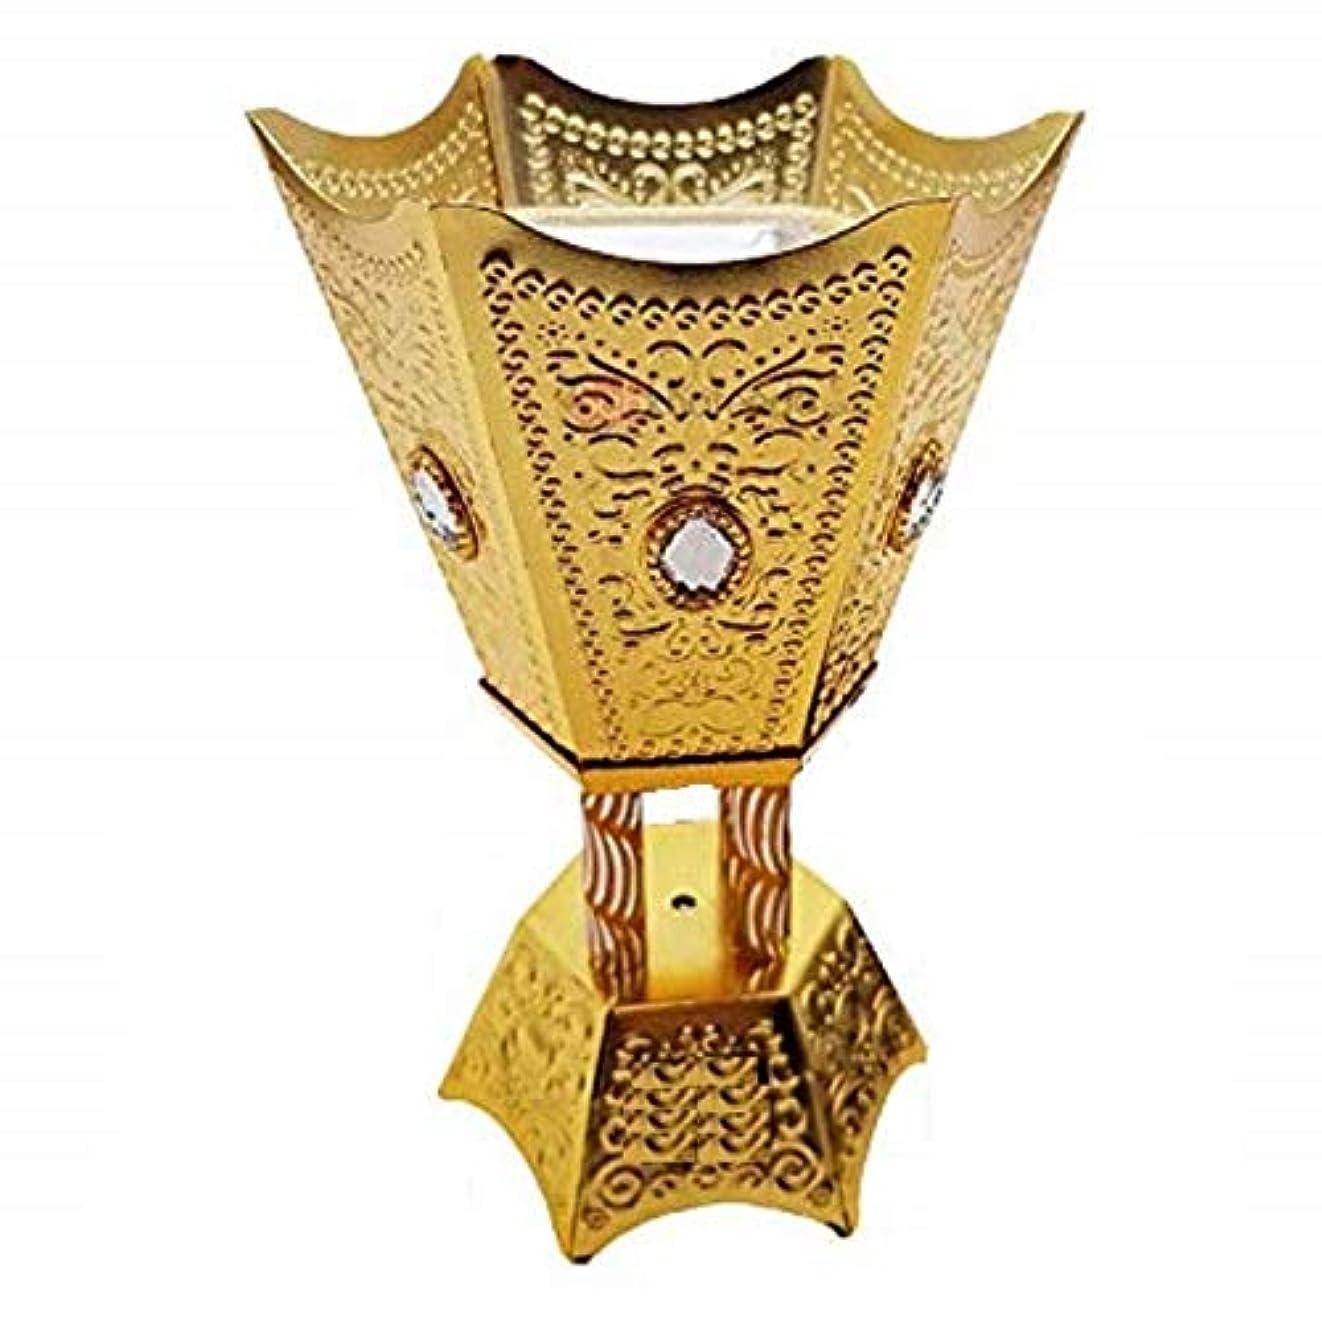 前任者傾向履歴書OMG-Deal Incense Burner Charcoal Bakhoor Frankincense Resin – Luxury Hand Painted Burner - WF -001 Golden